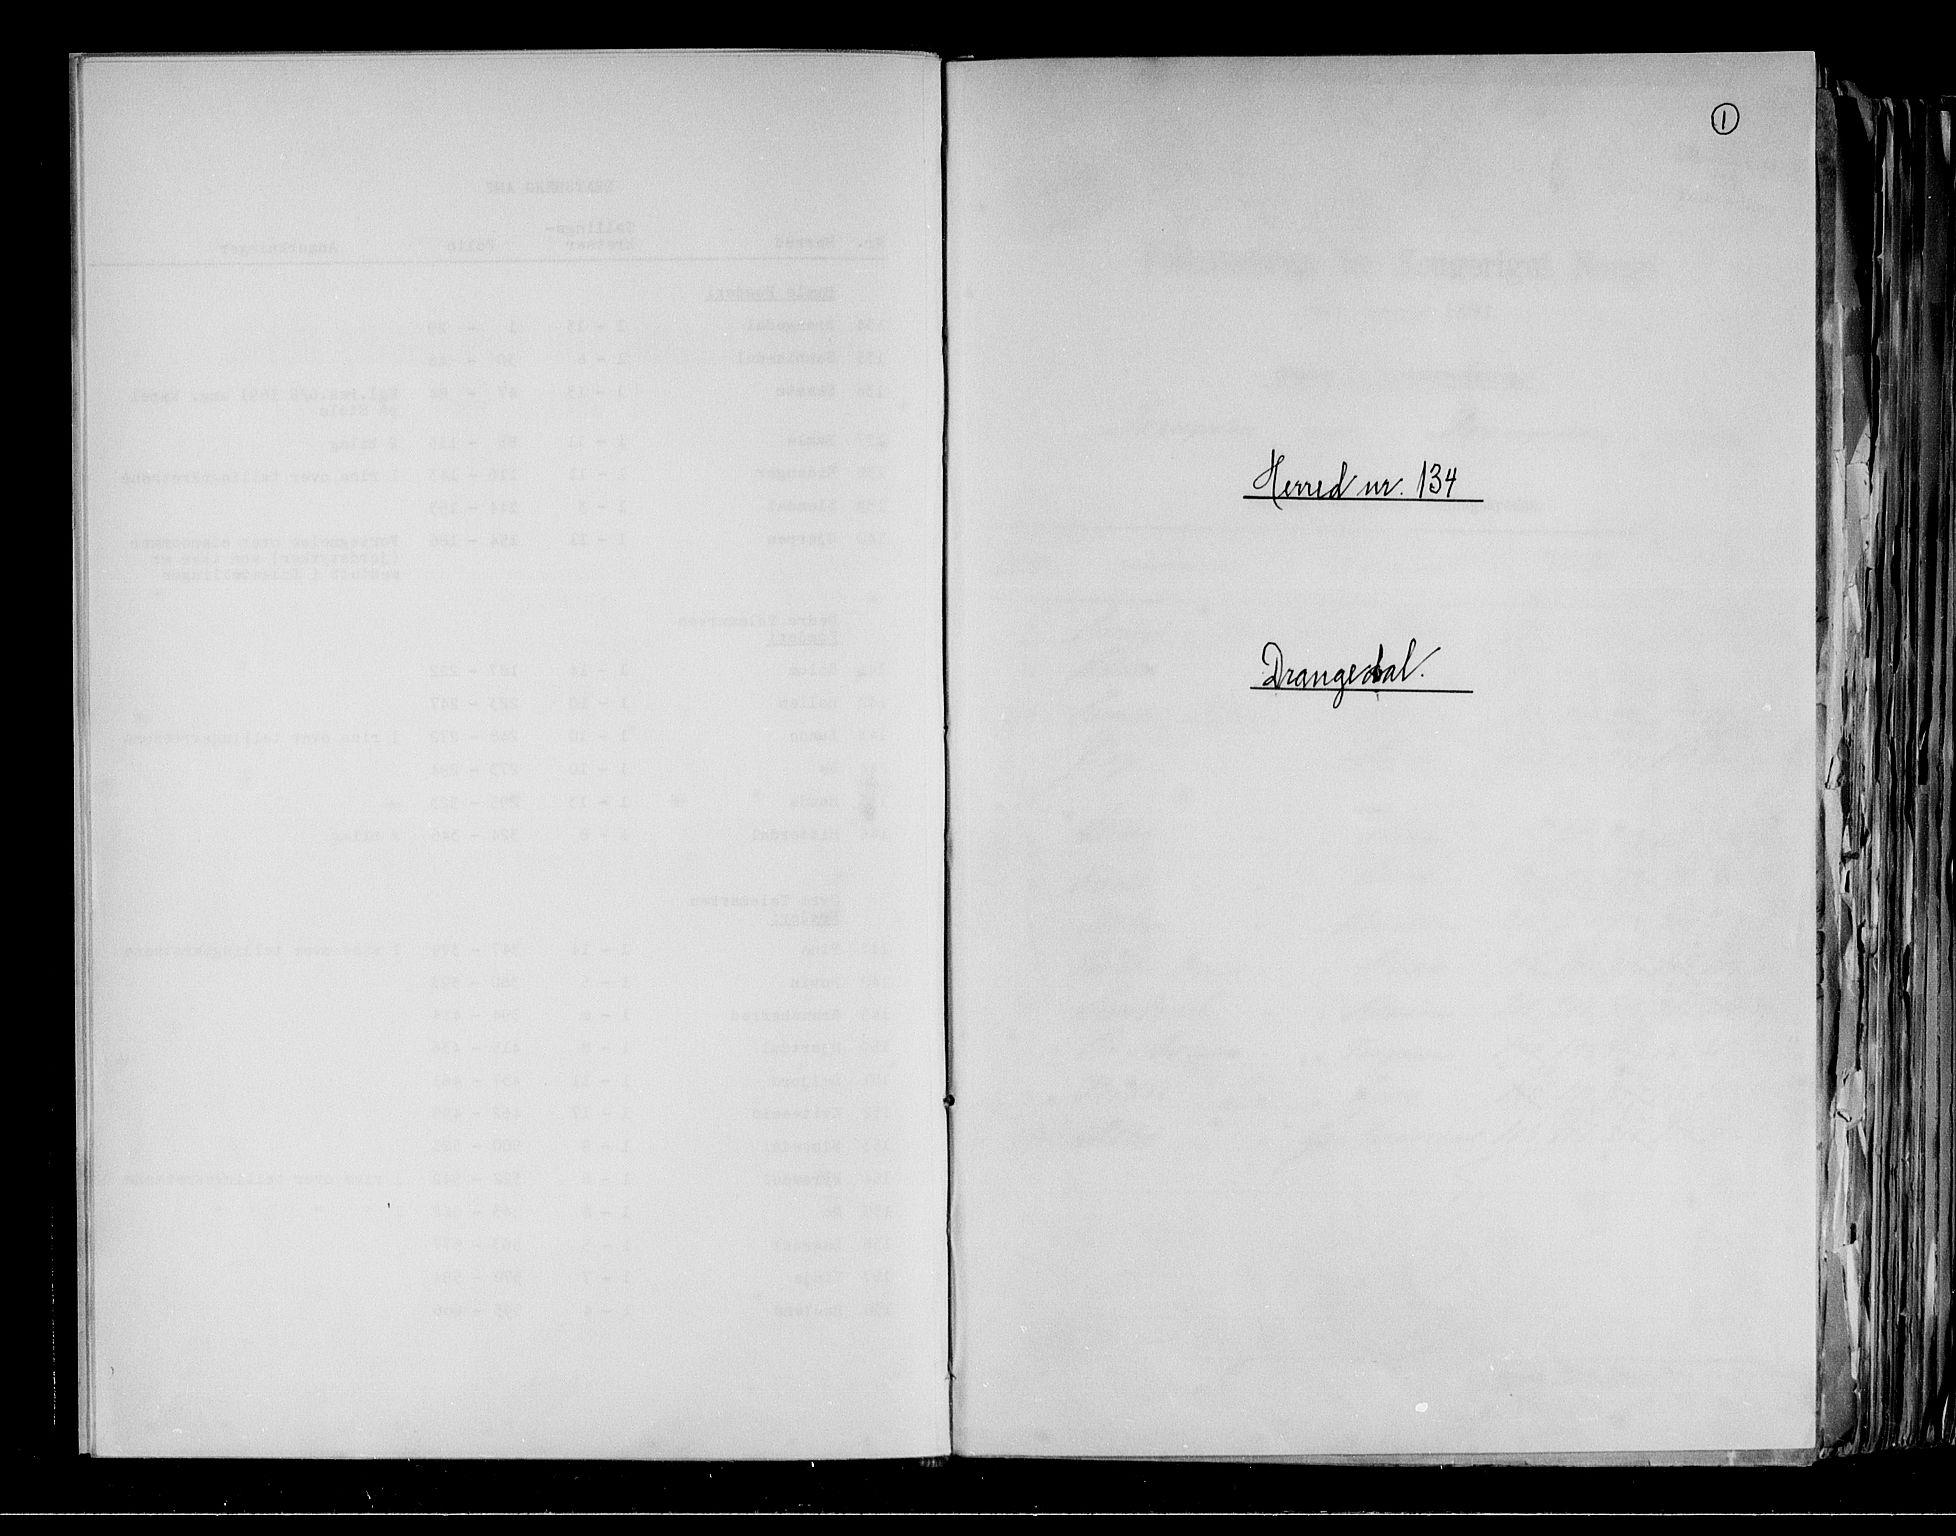 RA, Folketelling 1891 for 0817 Drangedal herred, 1891, s. 1